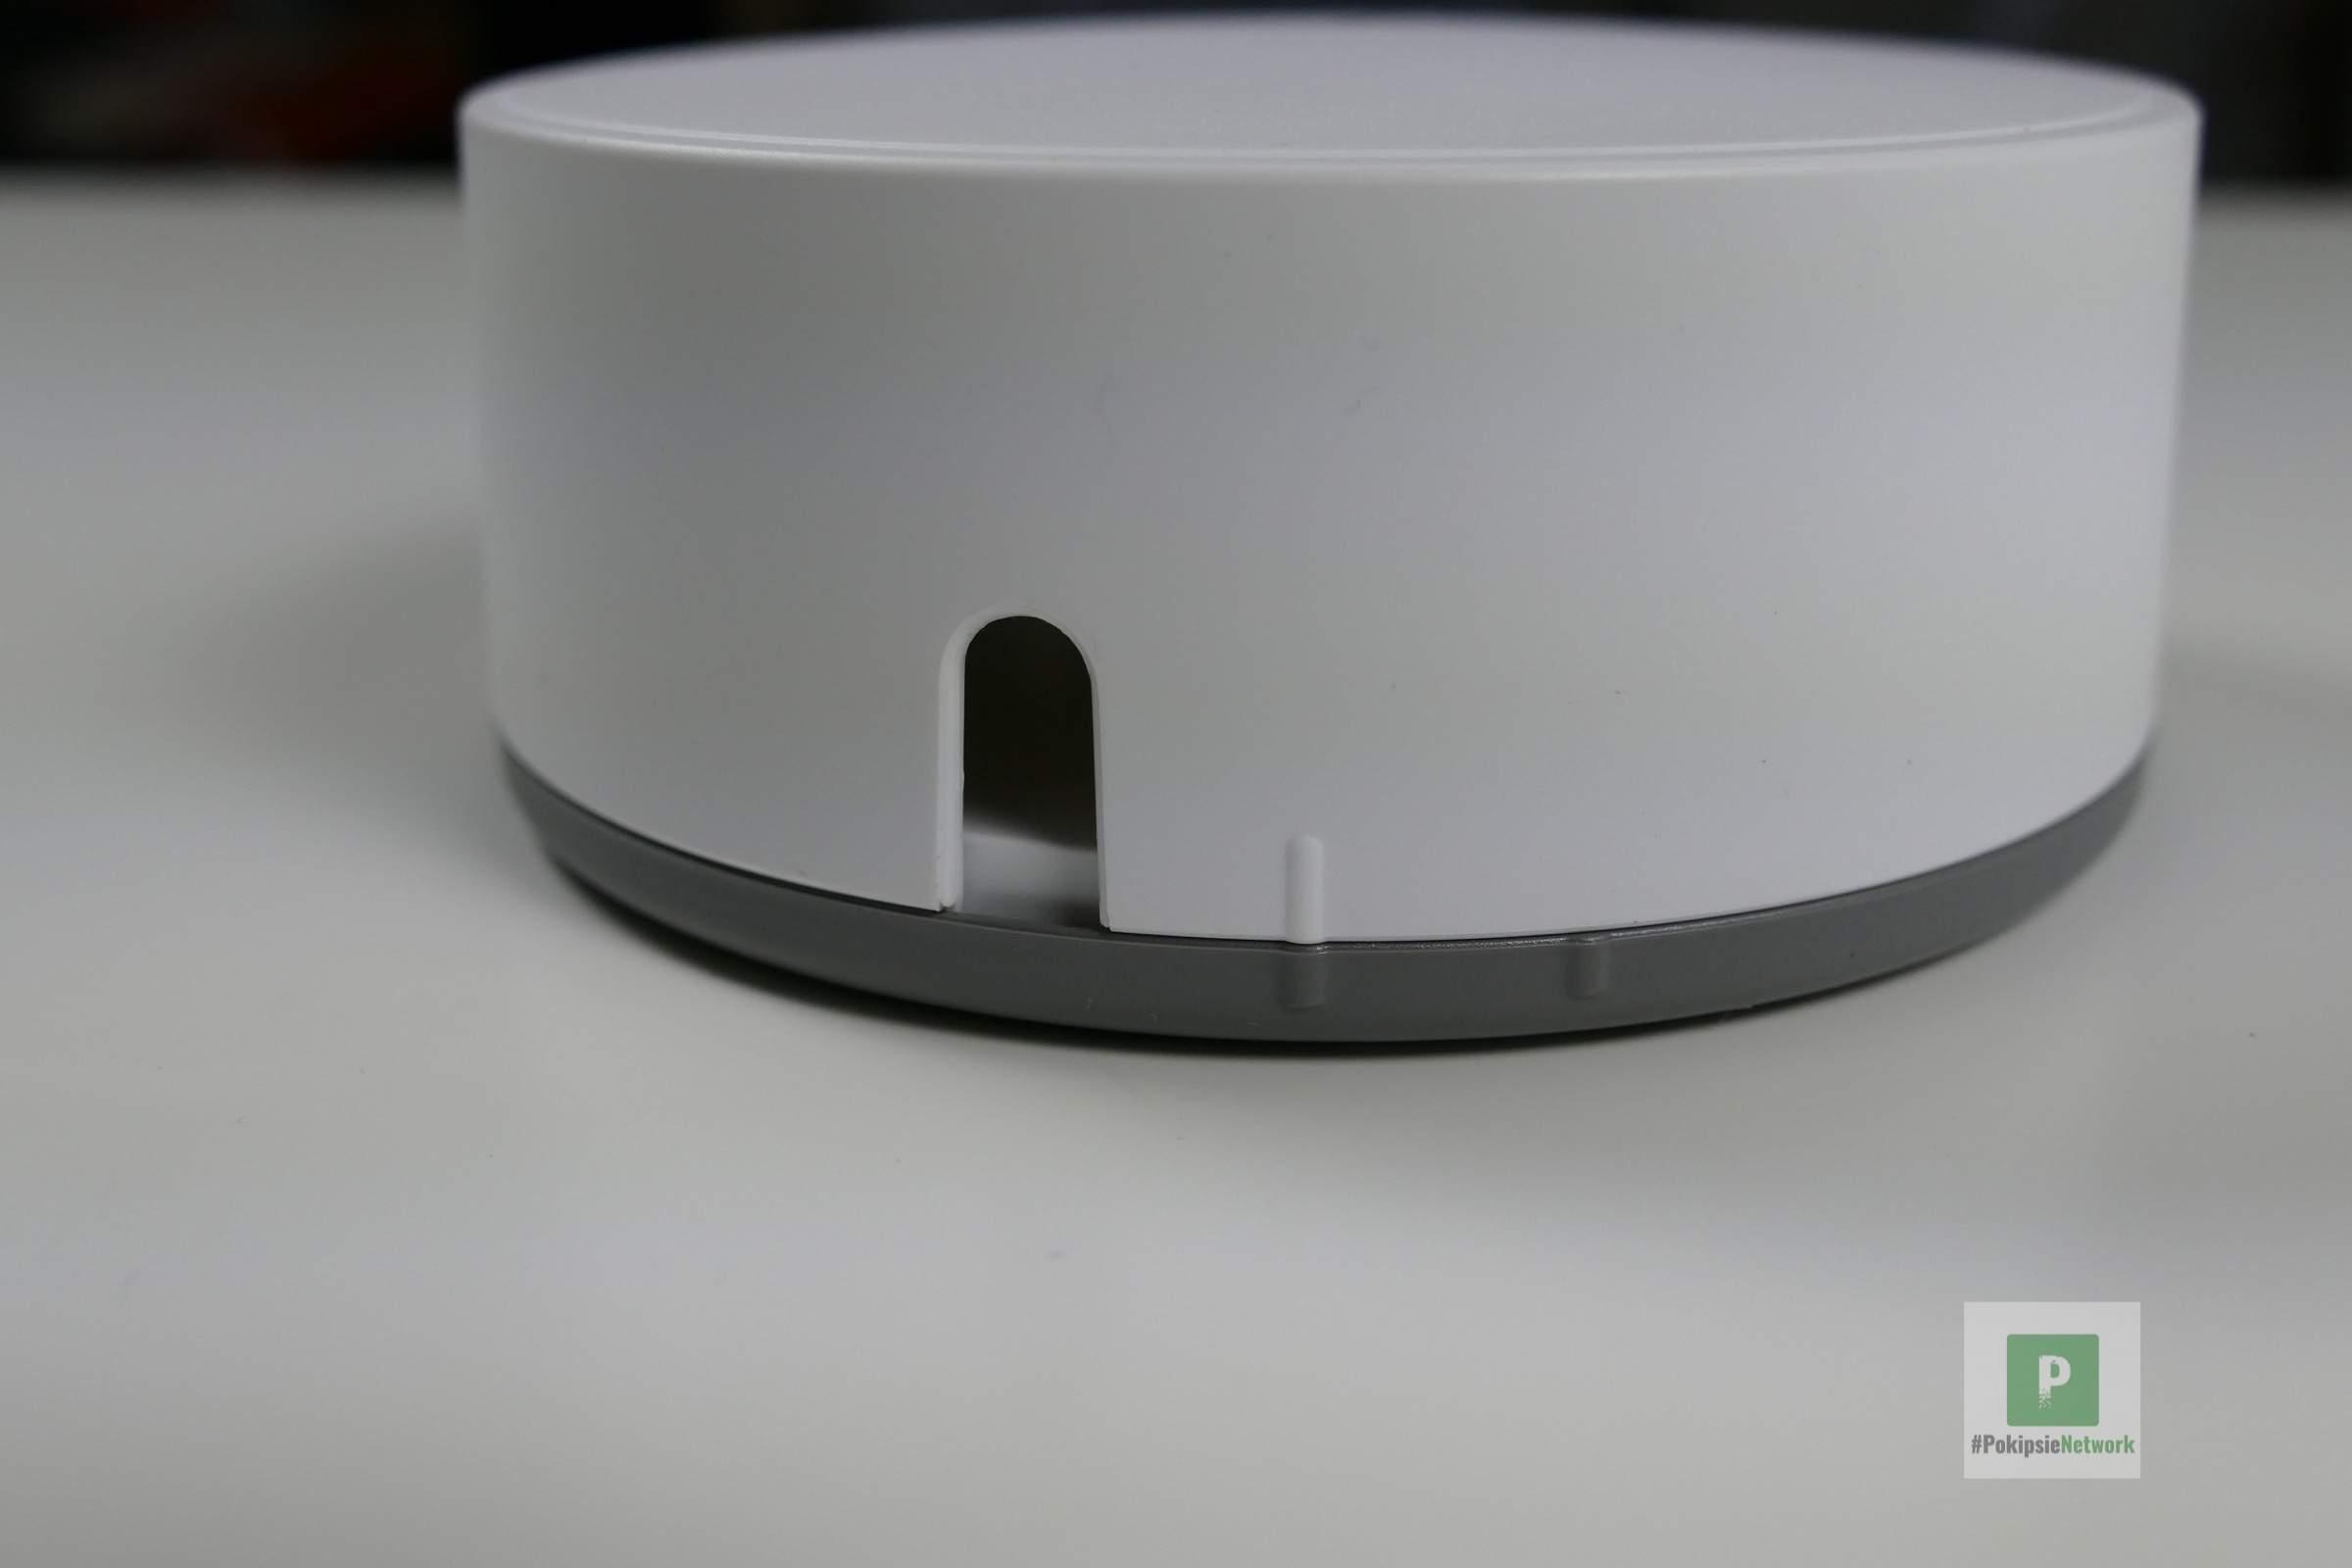 Aussparung für das USB- und Ethernet-Kabel